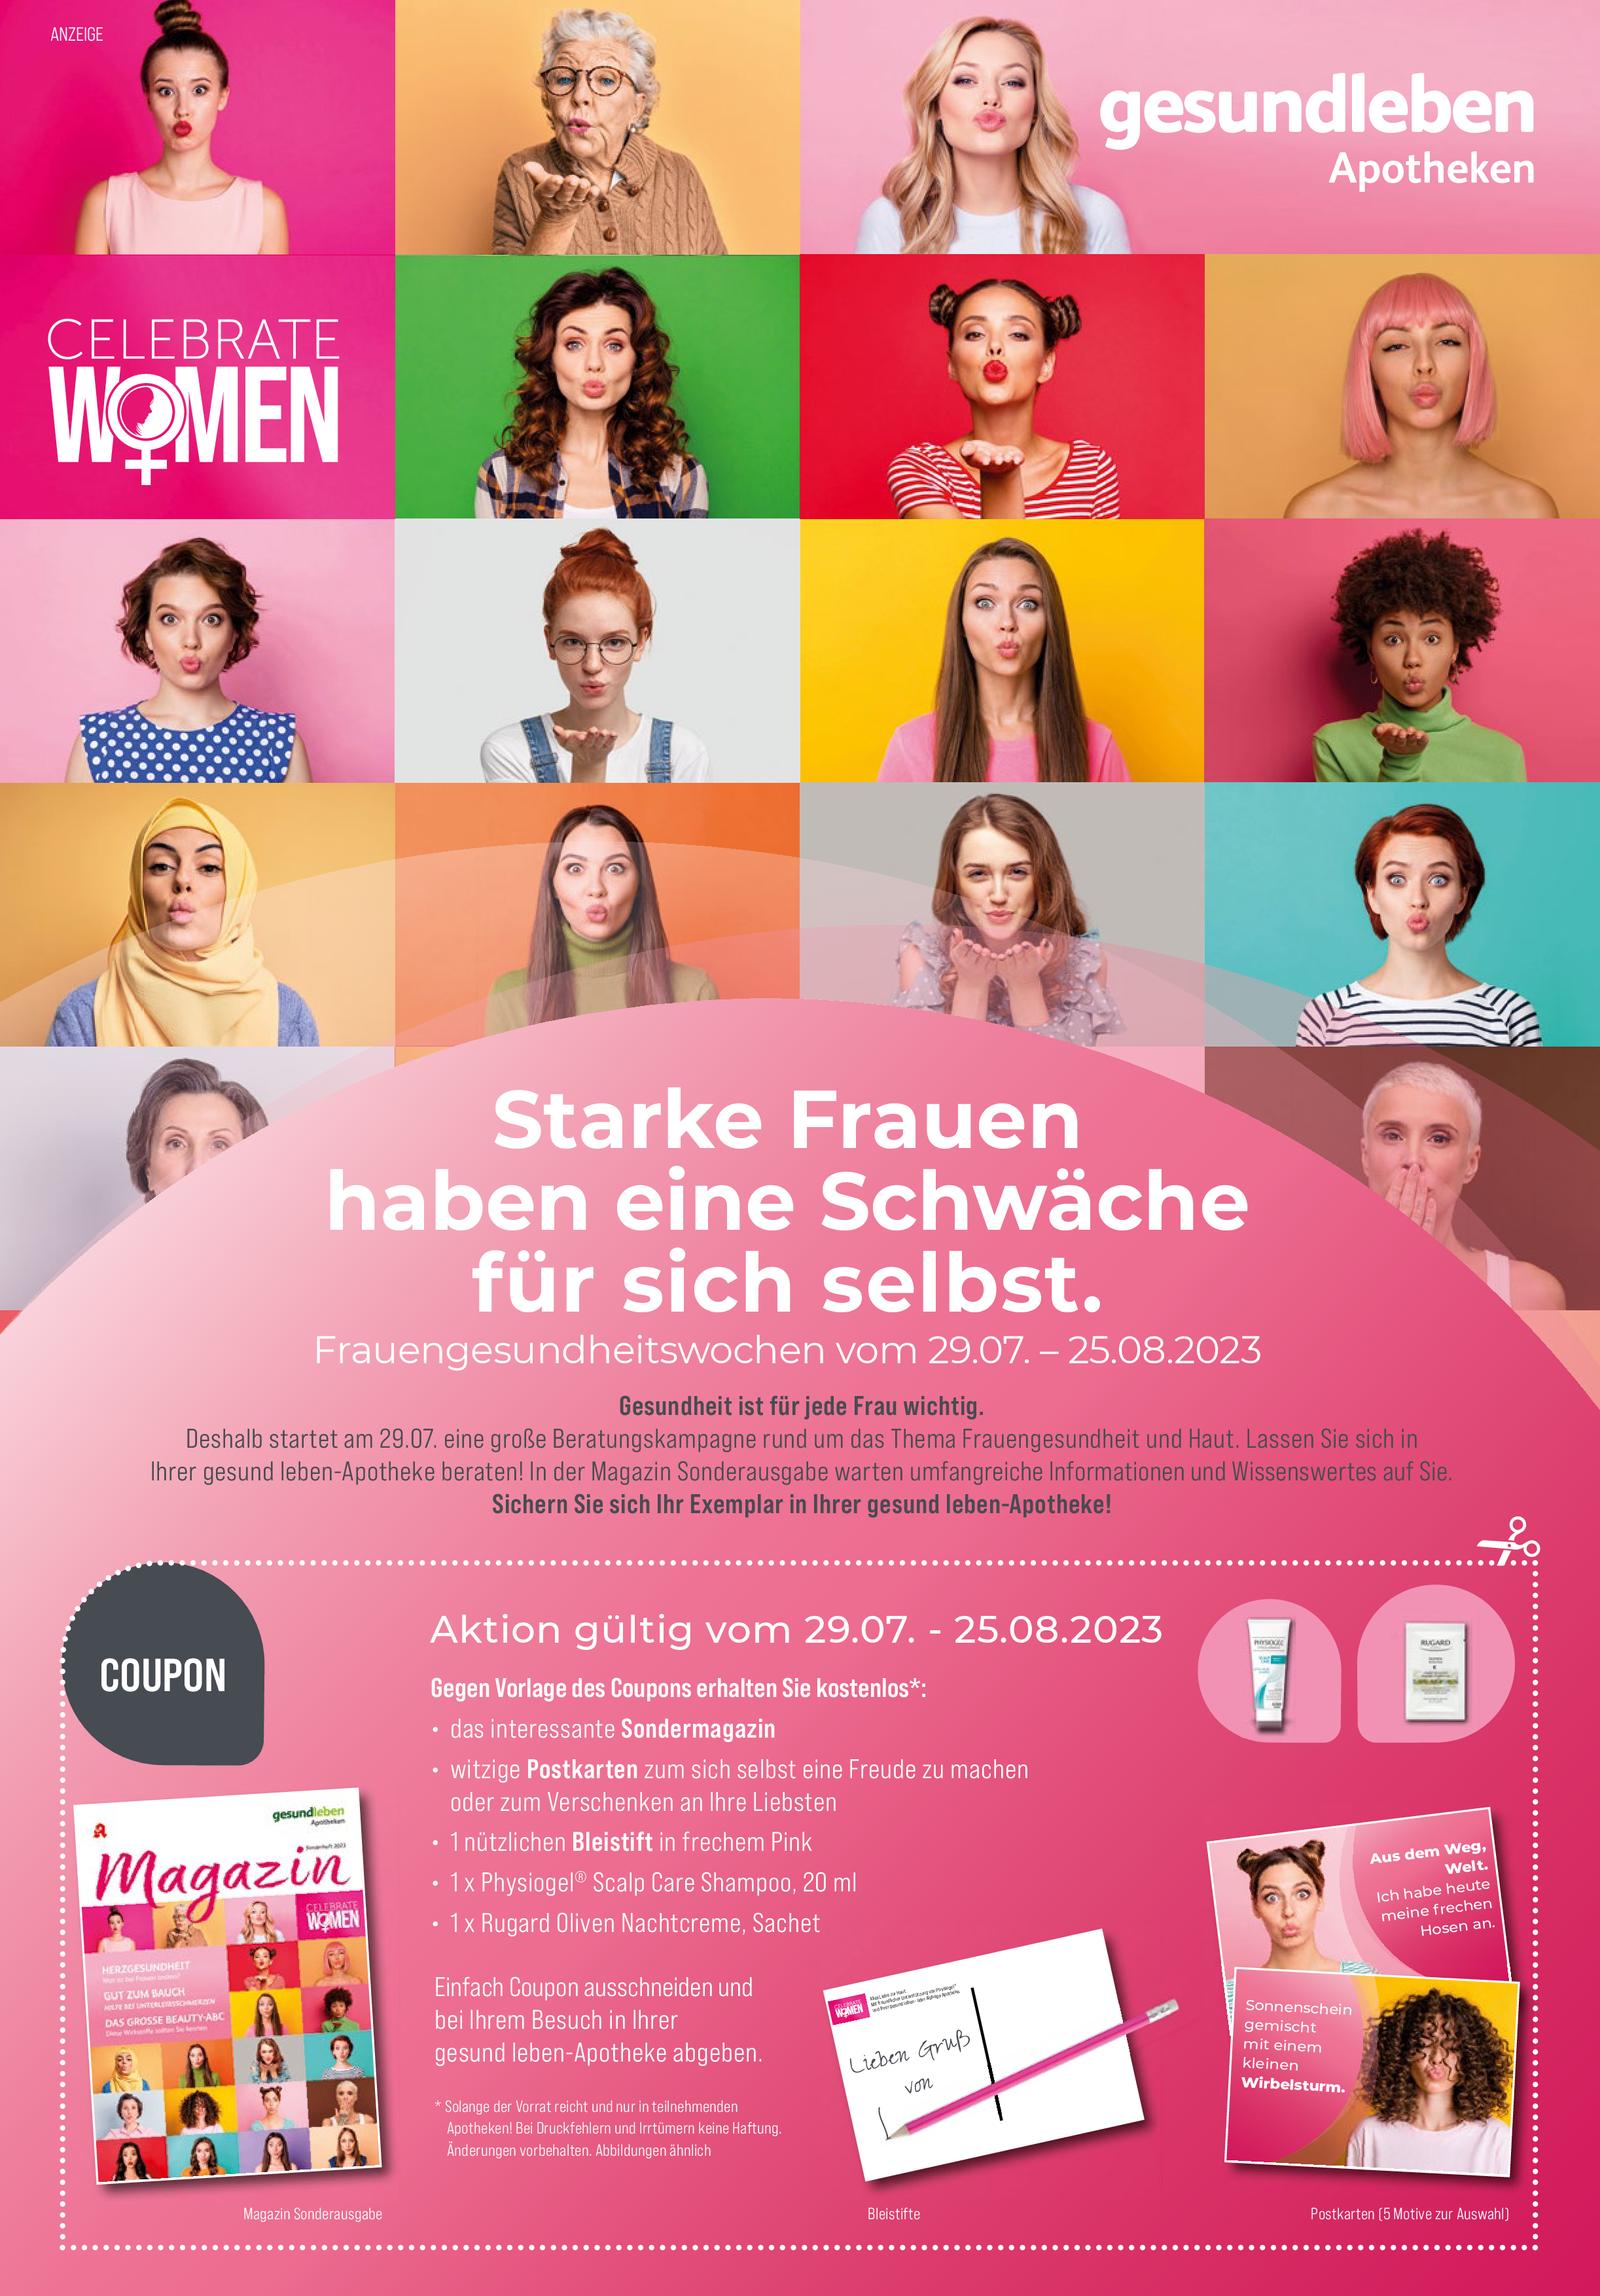 https://mein-uploads.apocdn.net/9910/leaflets/gesundleben_mittel-Seite5.png